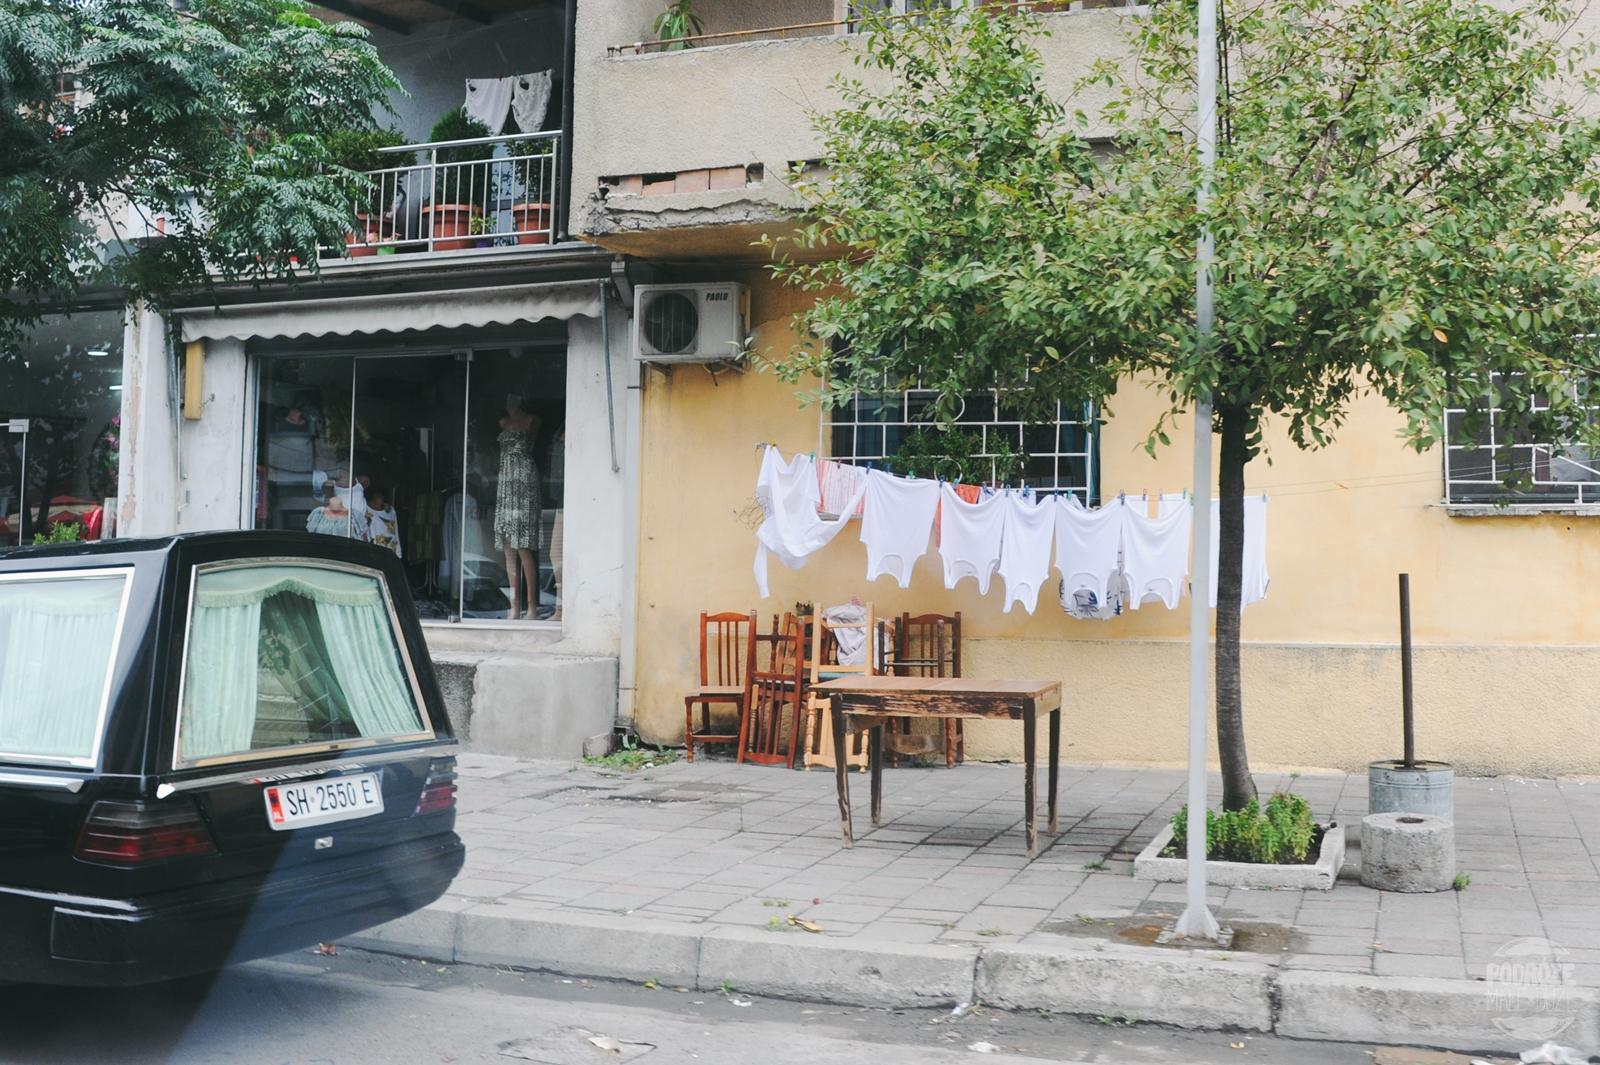 Bałkany Albania